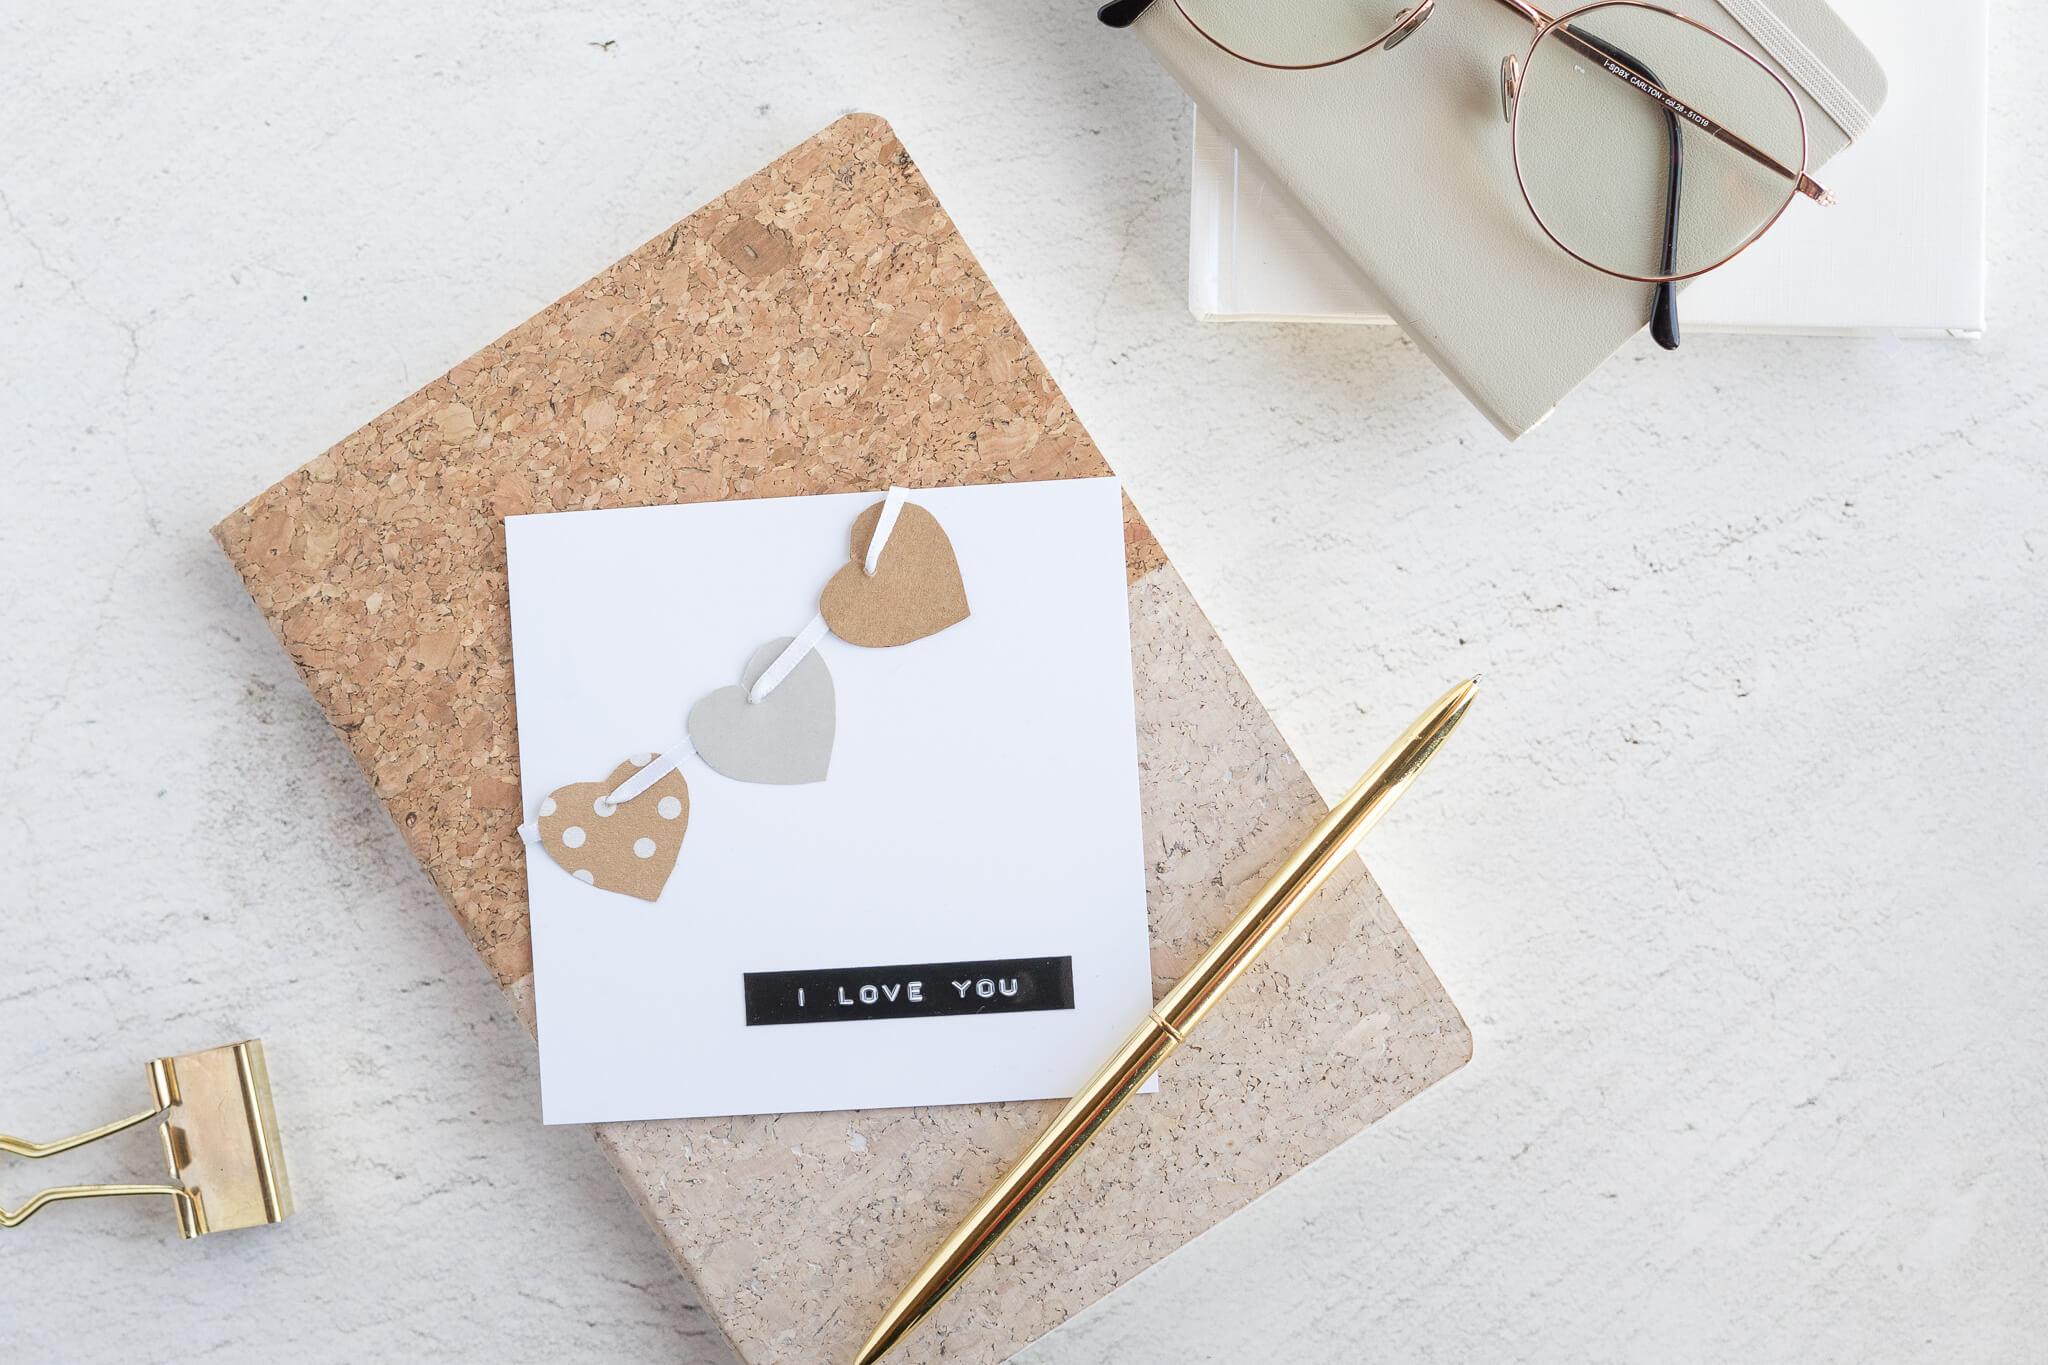 Valentinstagsgeschenk als Geschenkkarte mit 3 Papierherzen und Schriftzug